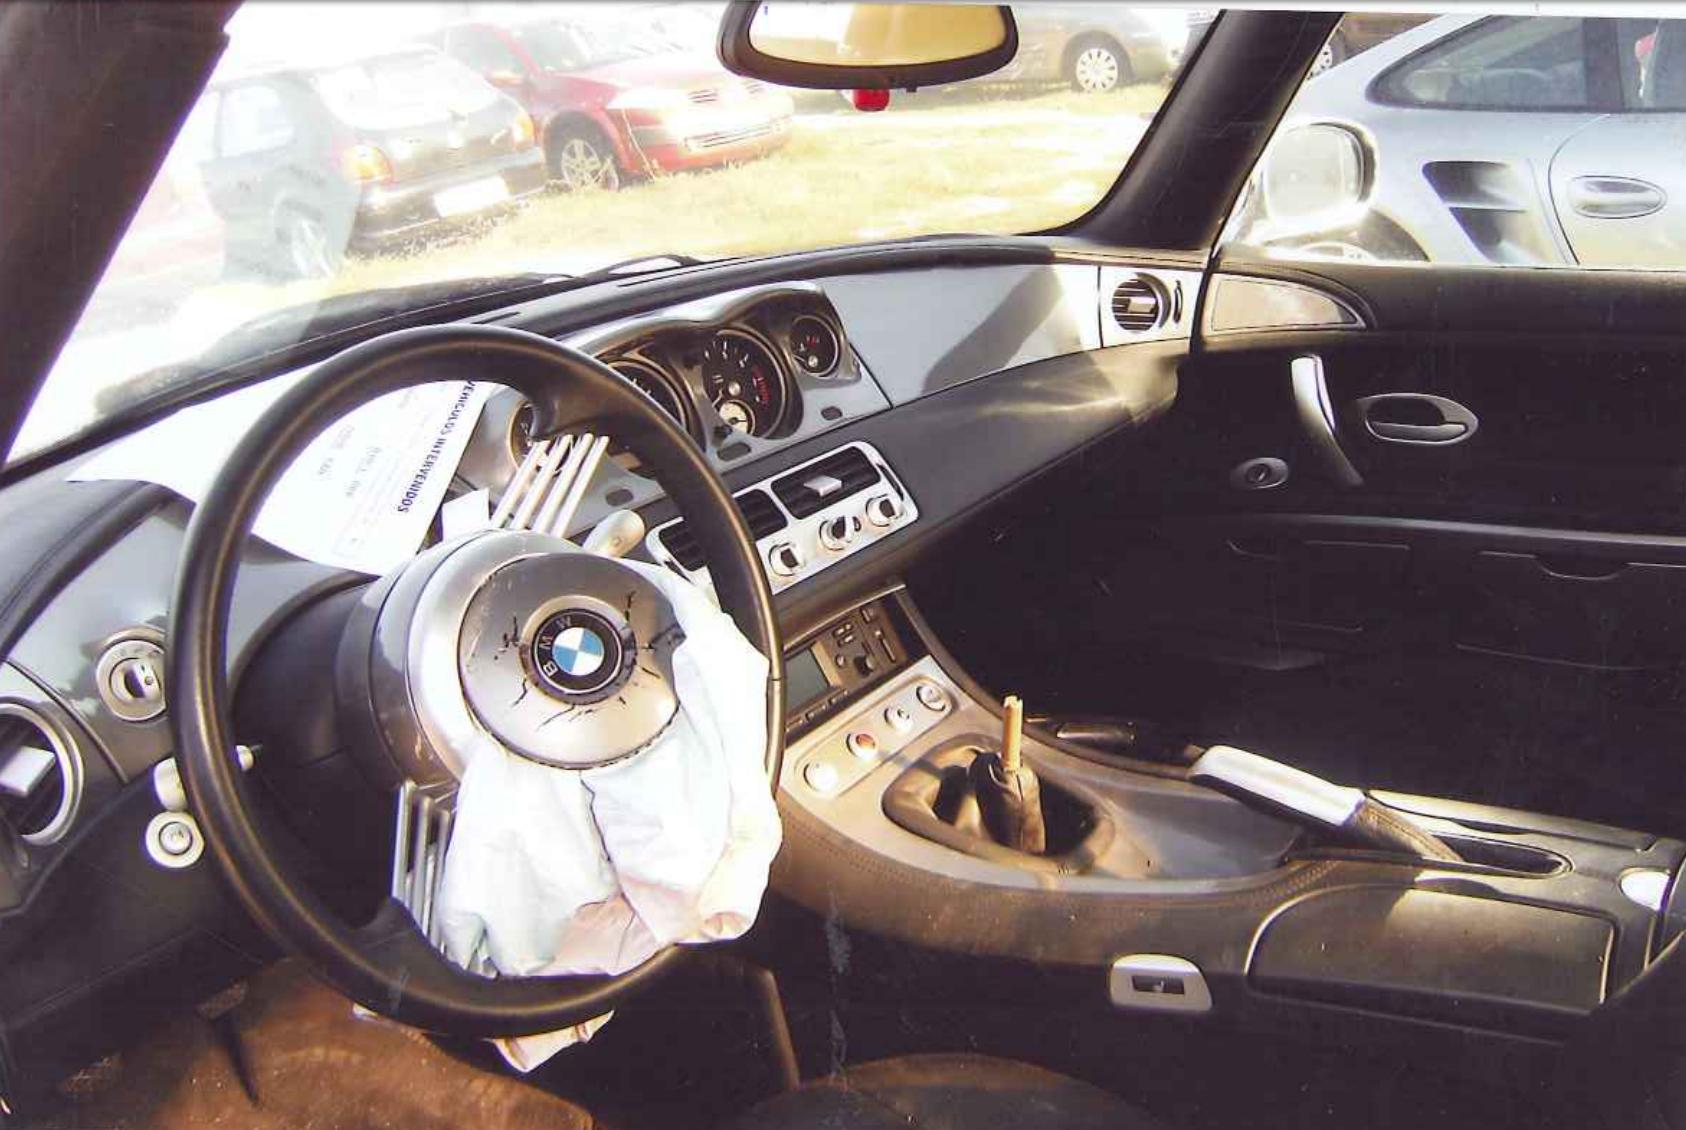 ¿Quieres un BMW Z8 por 92.600 euros? Puedes hacerte con él en esta subasta de 50 vehículos incautados en España 3